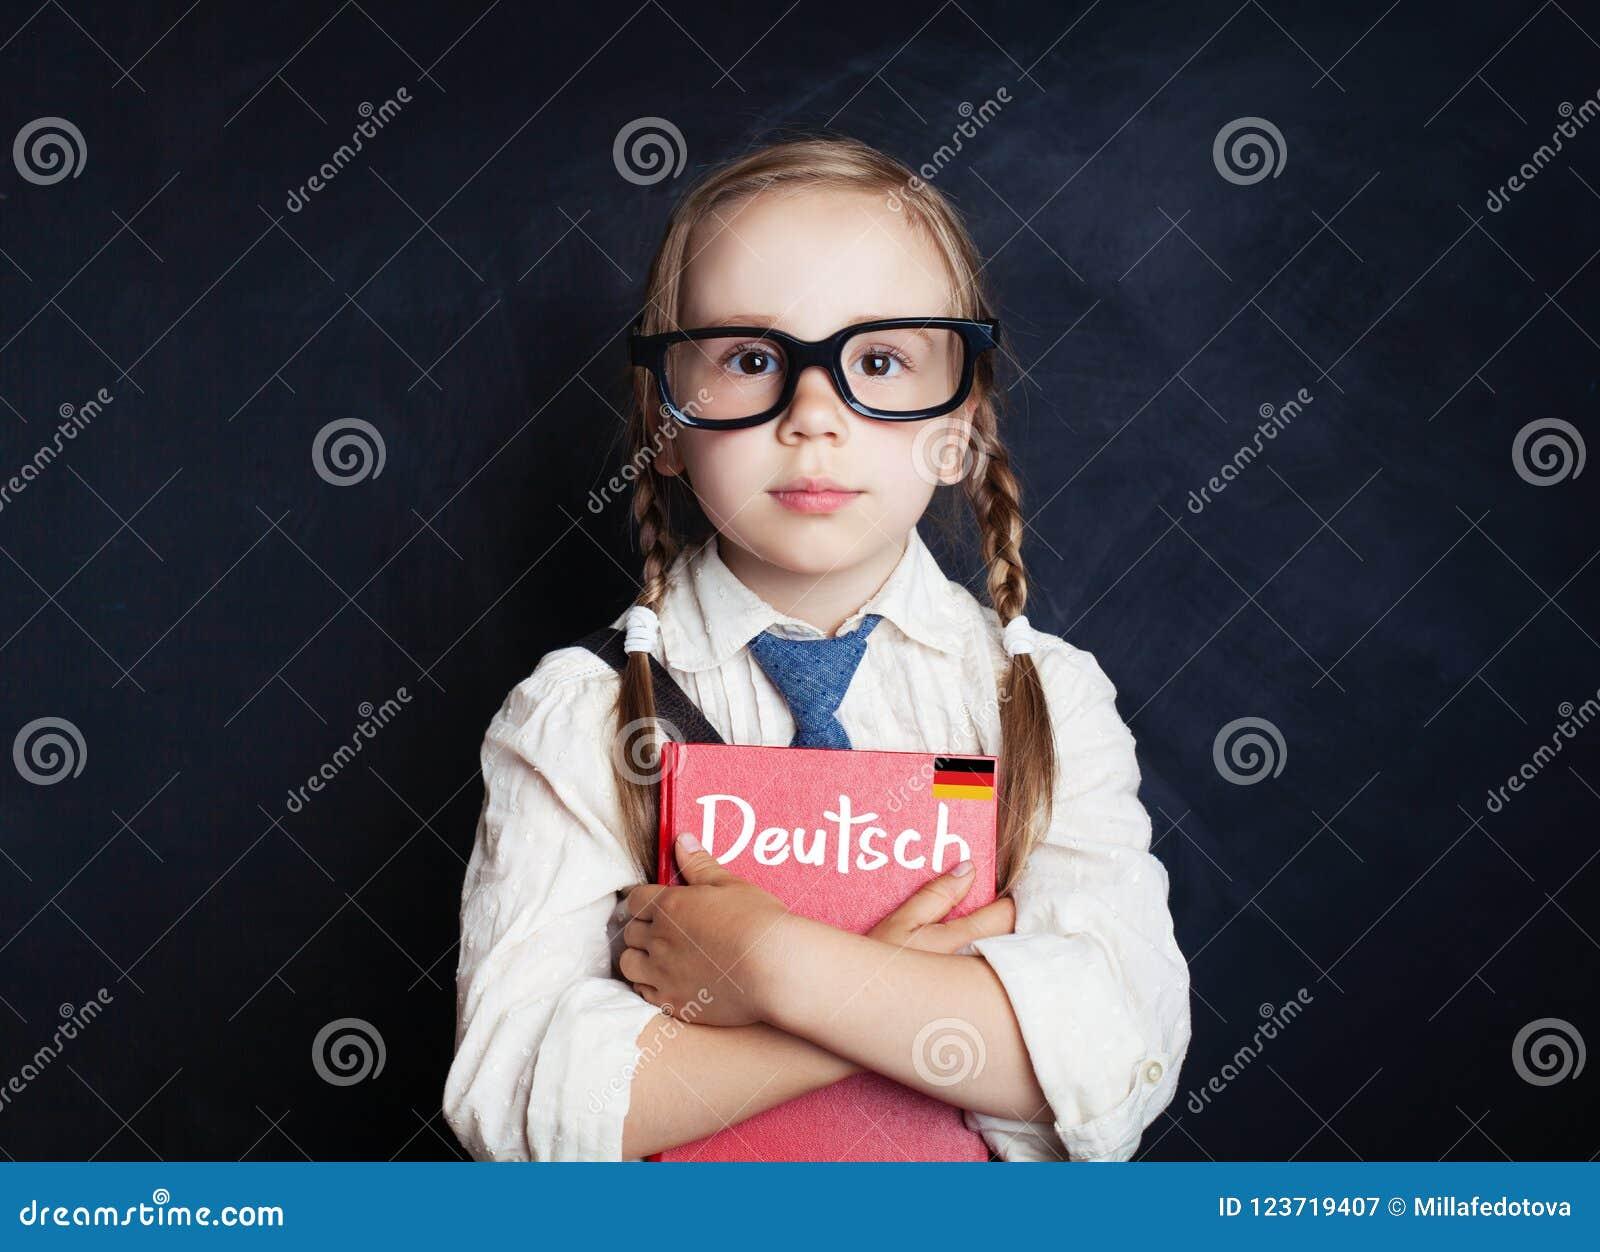 德语概念 逗人喜爱的孩子女小学生在教室